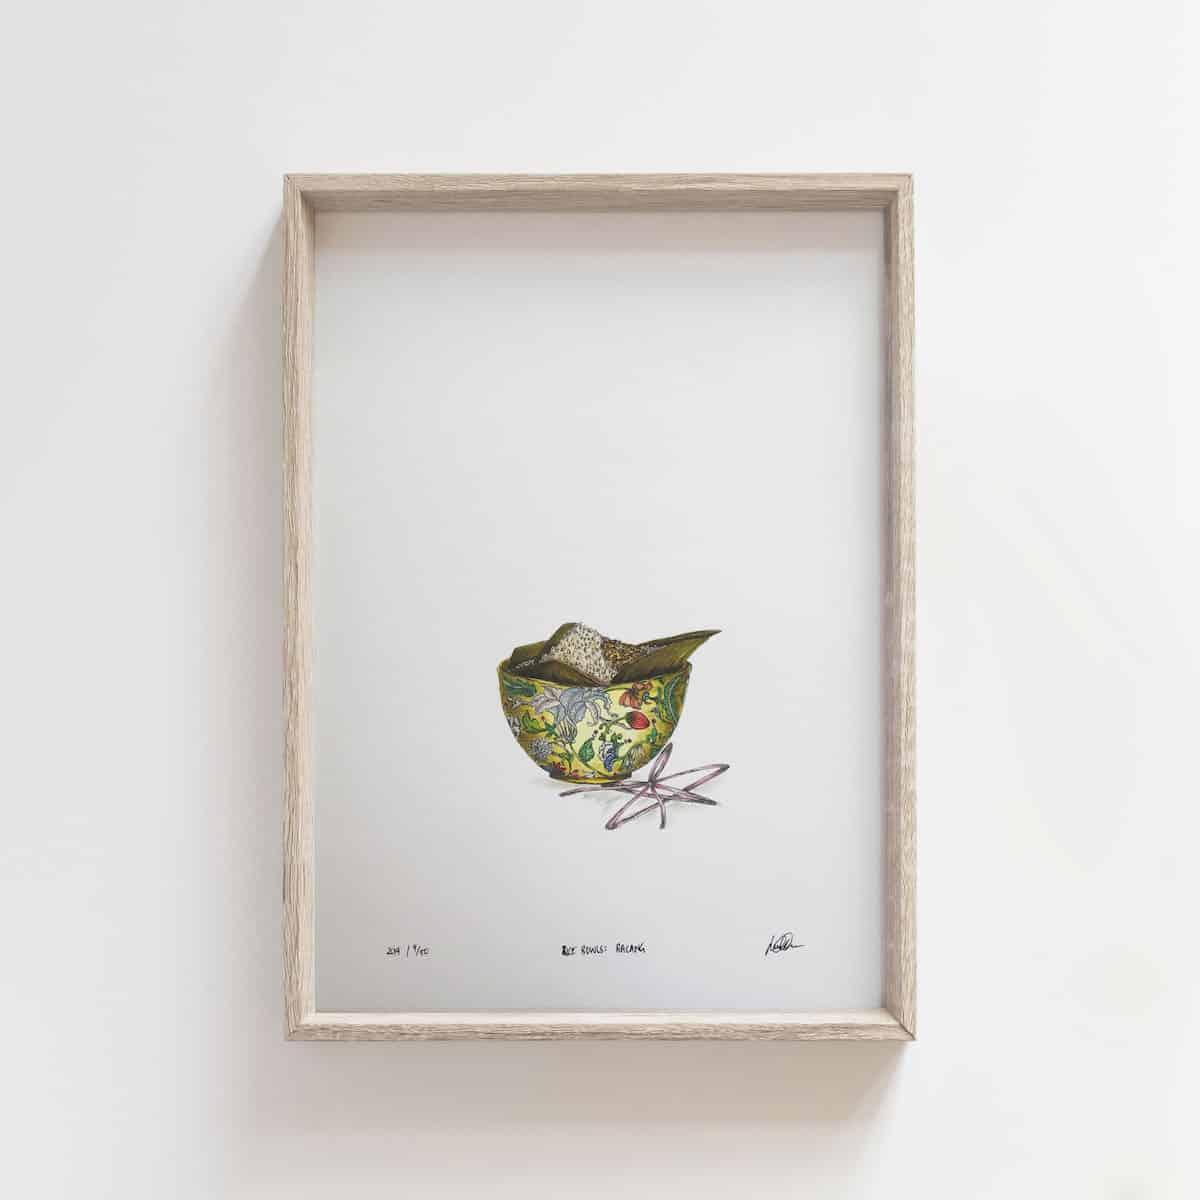 Rice Bowls: Bacang – By Jocelin Meredith  Artwork